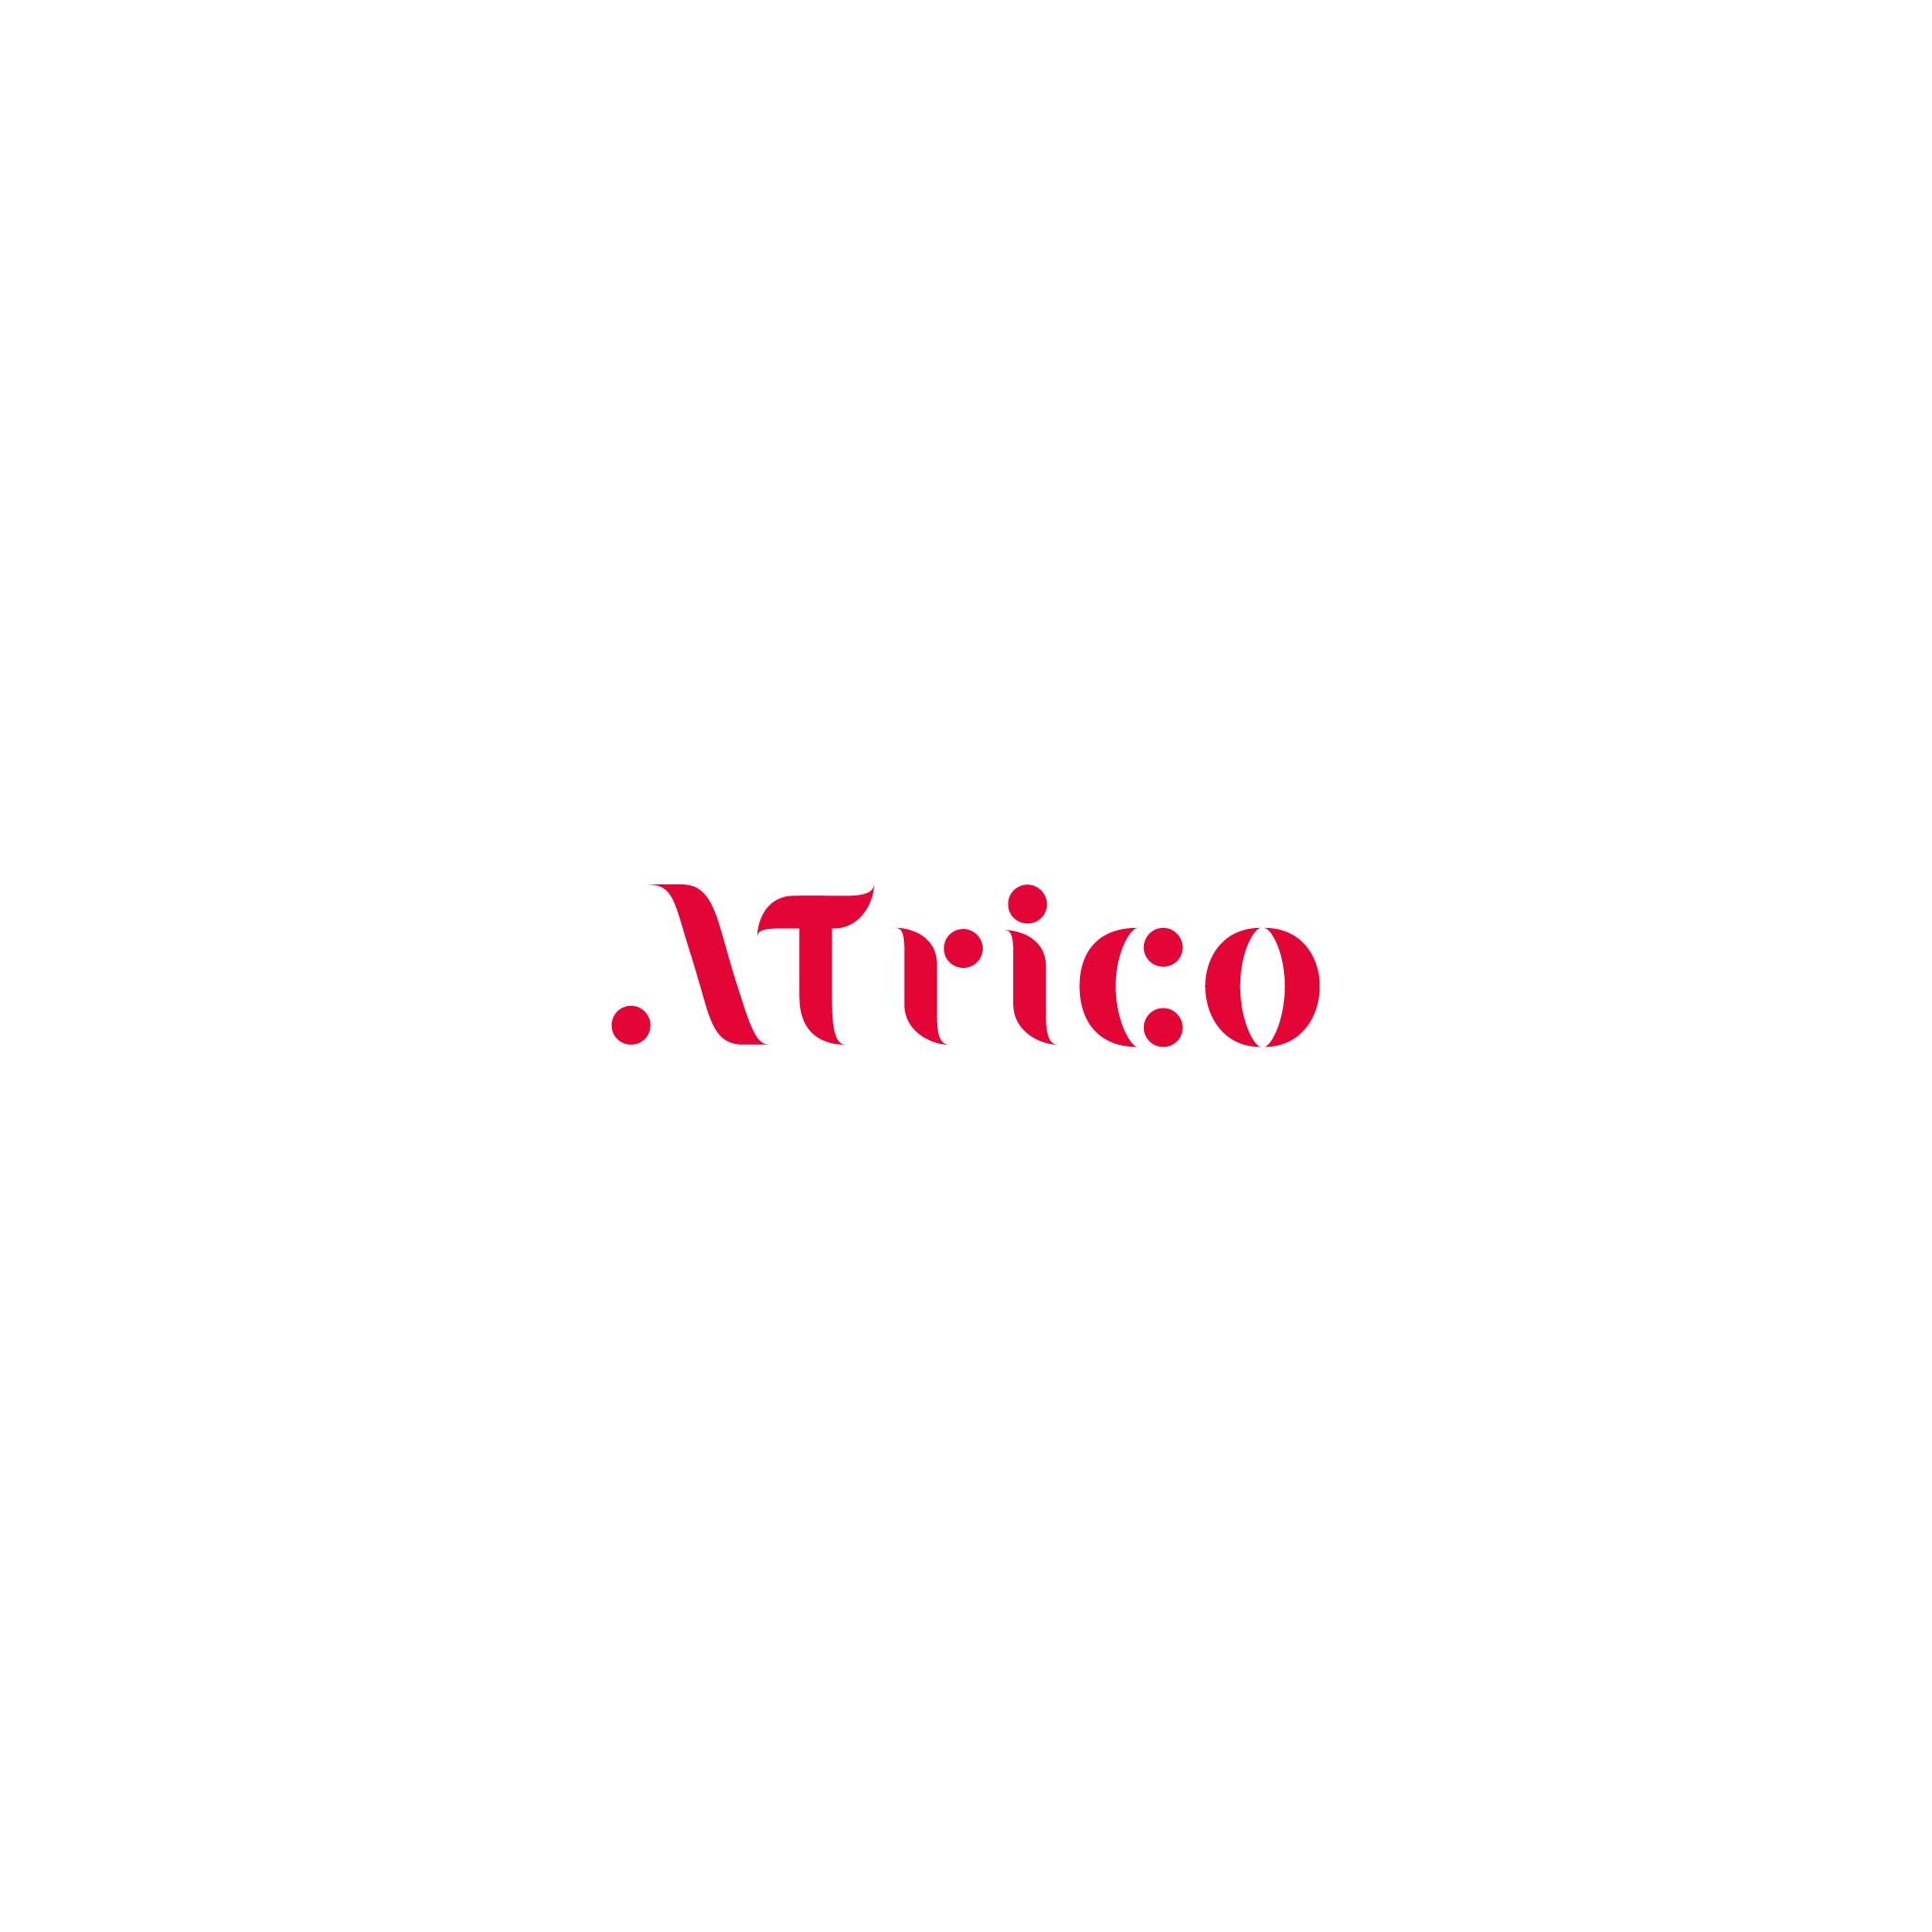 Логотип для брендовой пряжи и трикотажной одежды фото f_9126001c28c86ef0.png